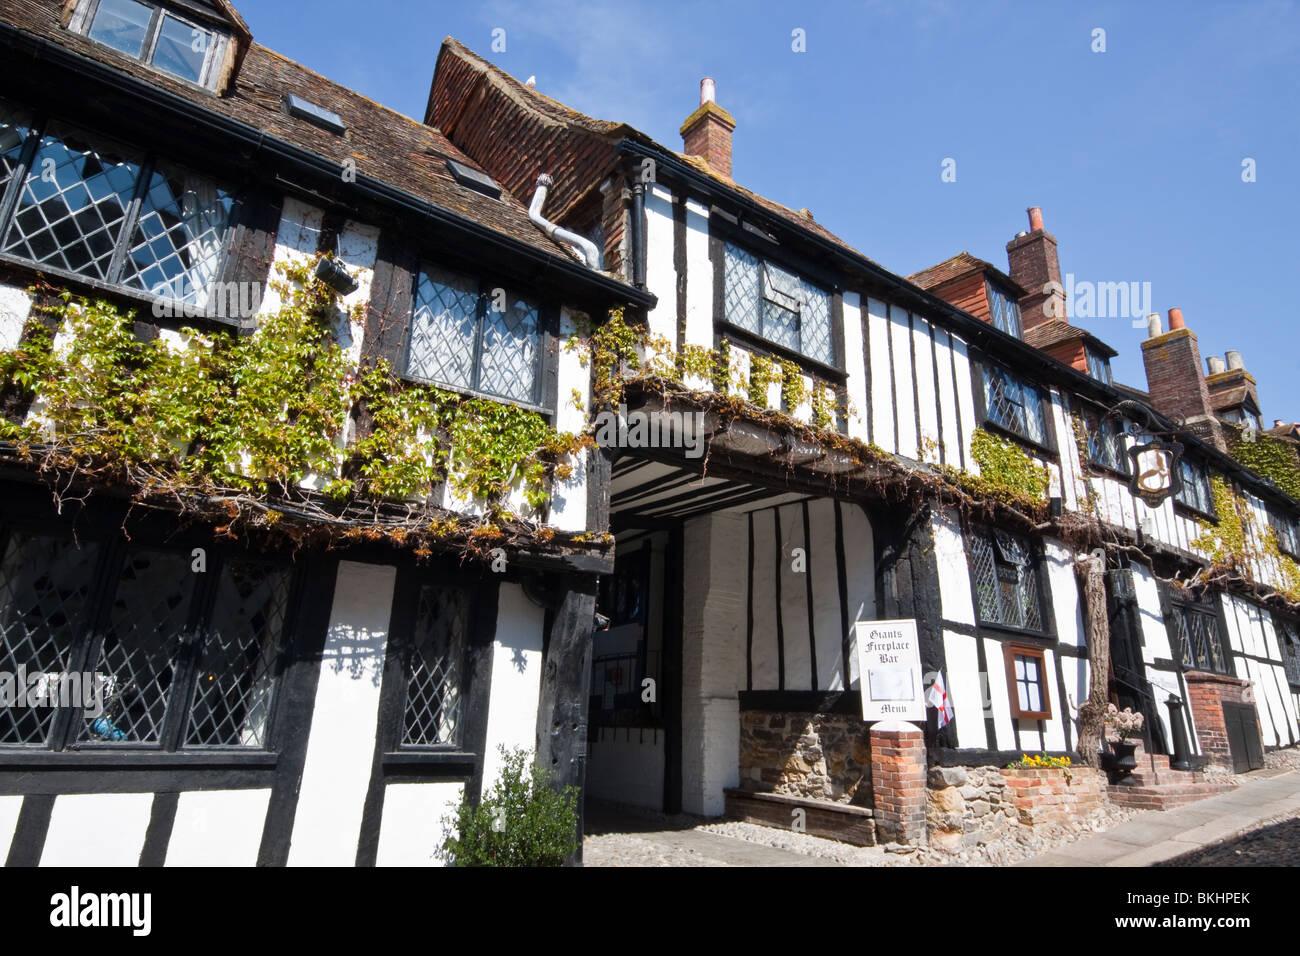 Mermaid Hotel Rye East Sussex - Stock Image